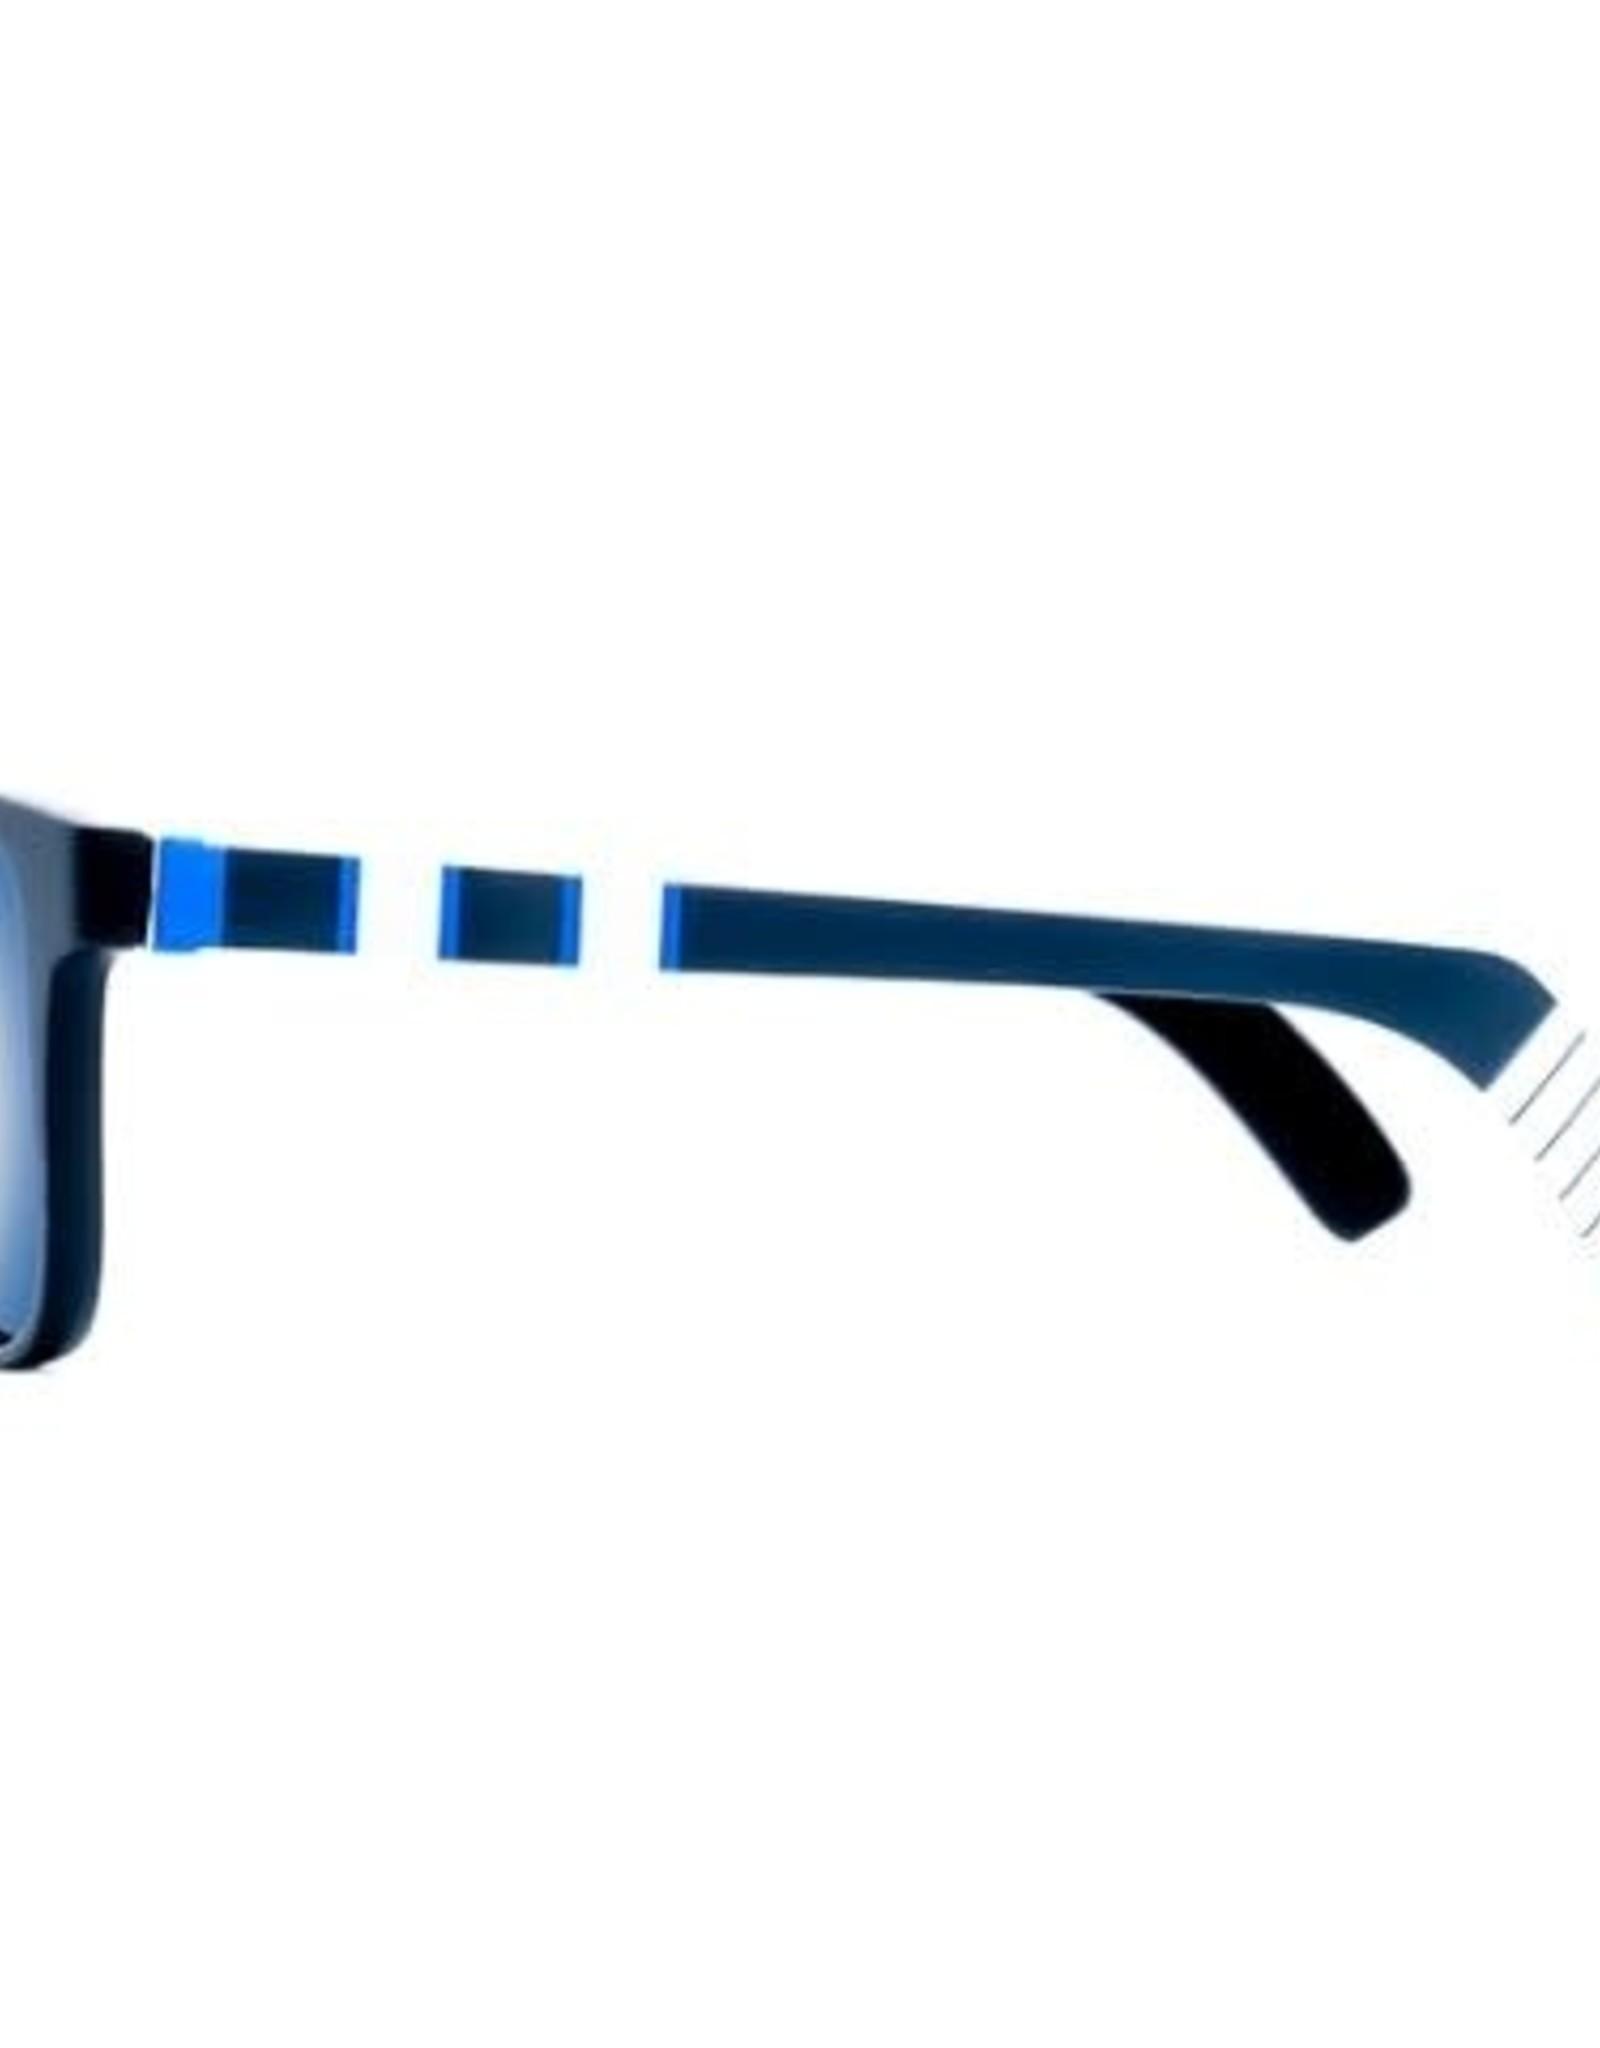 Blade Shades Blade Shades Pro Series Sunglasses (Winnipeg)